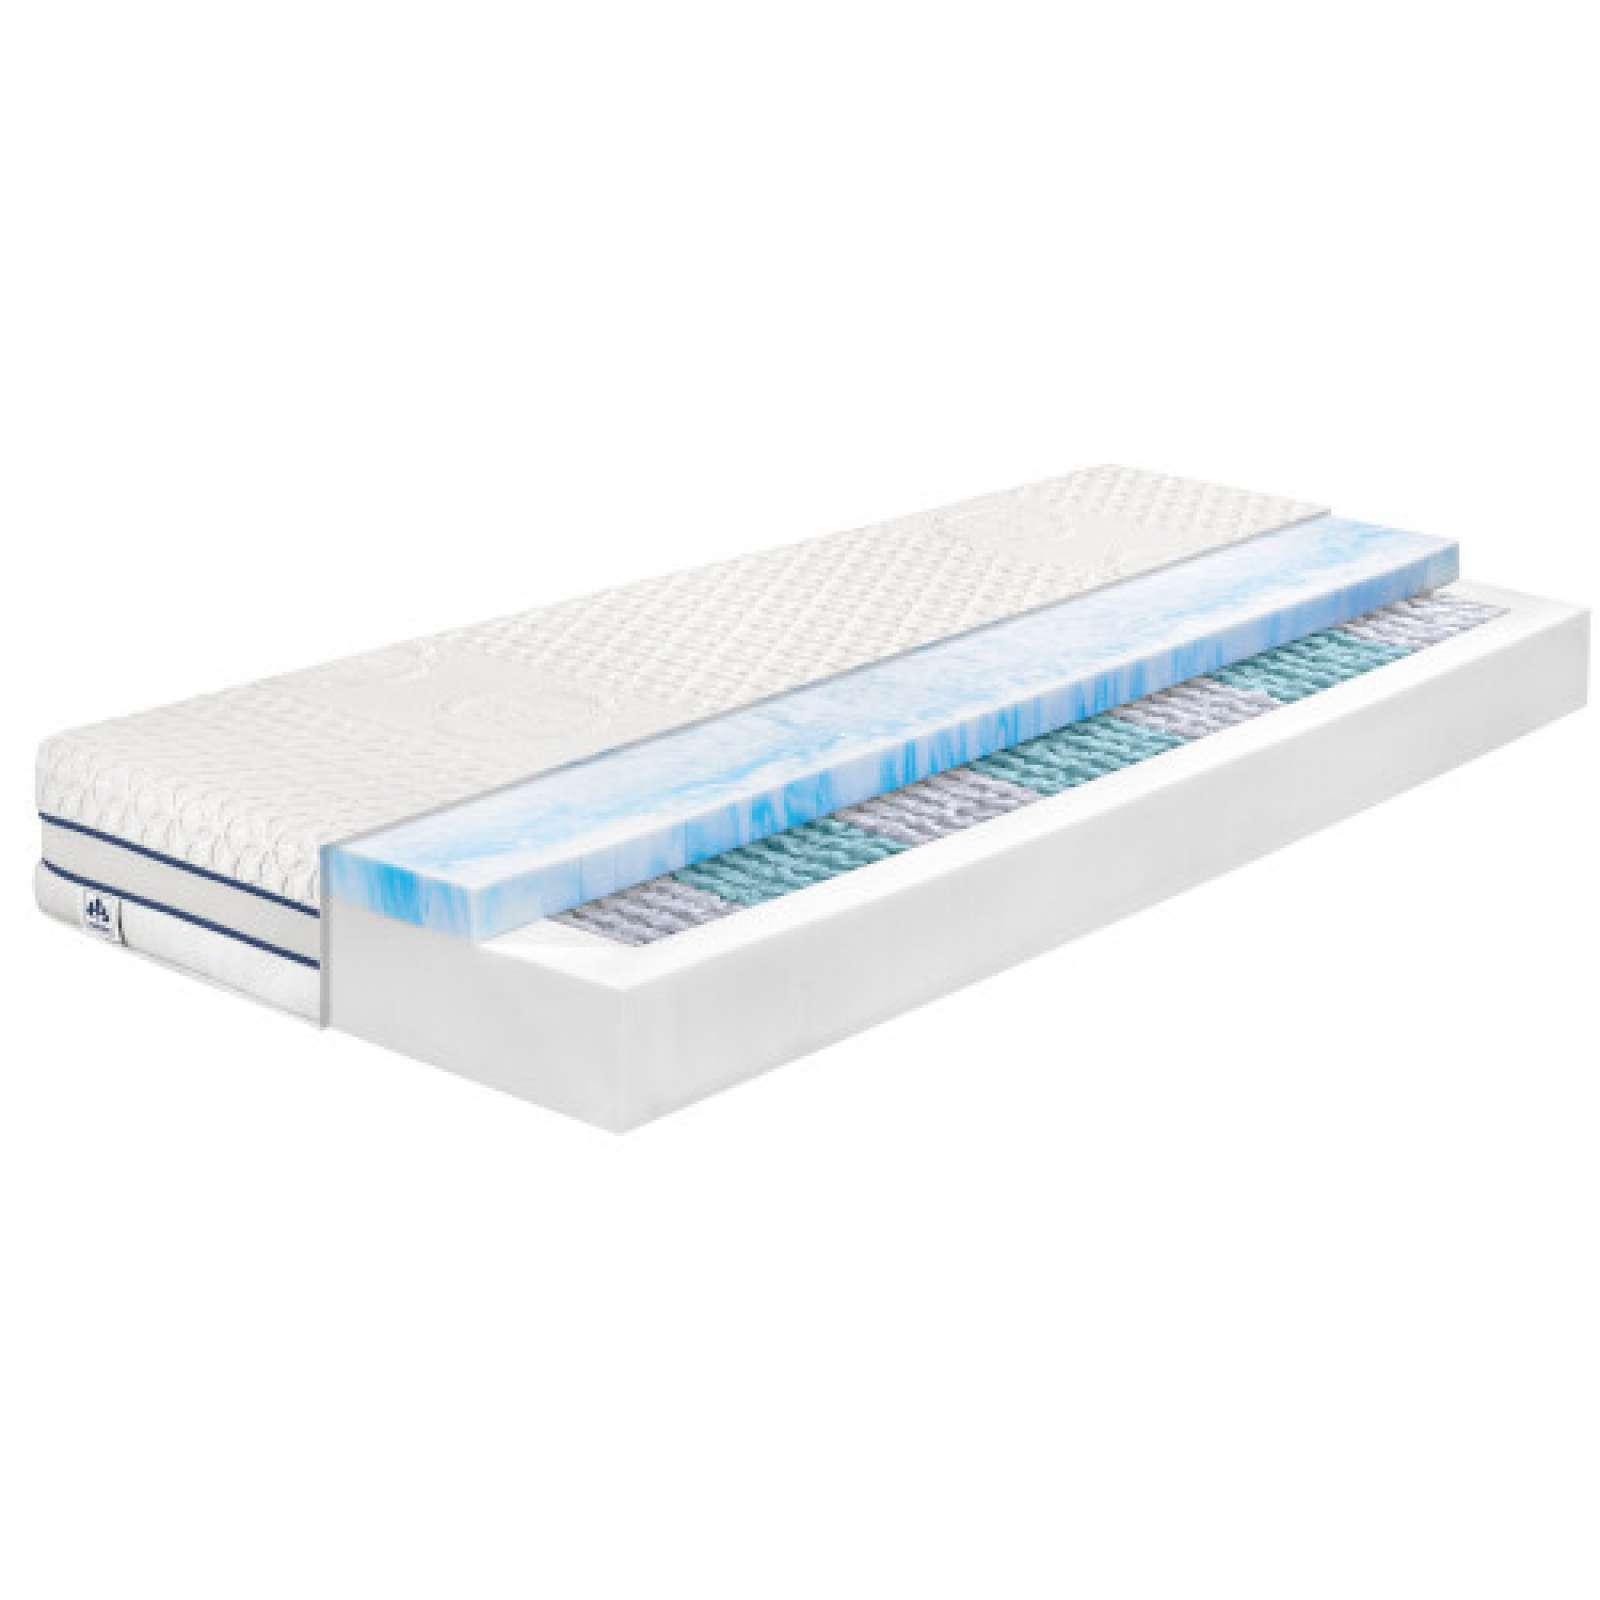 irisette tonnentaschenfederkern matratze mit gel active. Black Bedroom Furniture Sets. Home Design Ideas